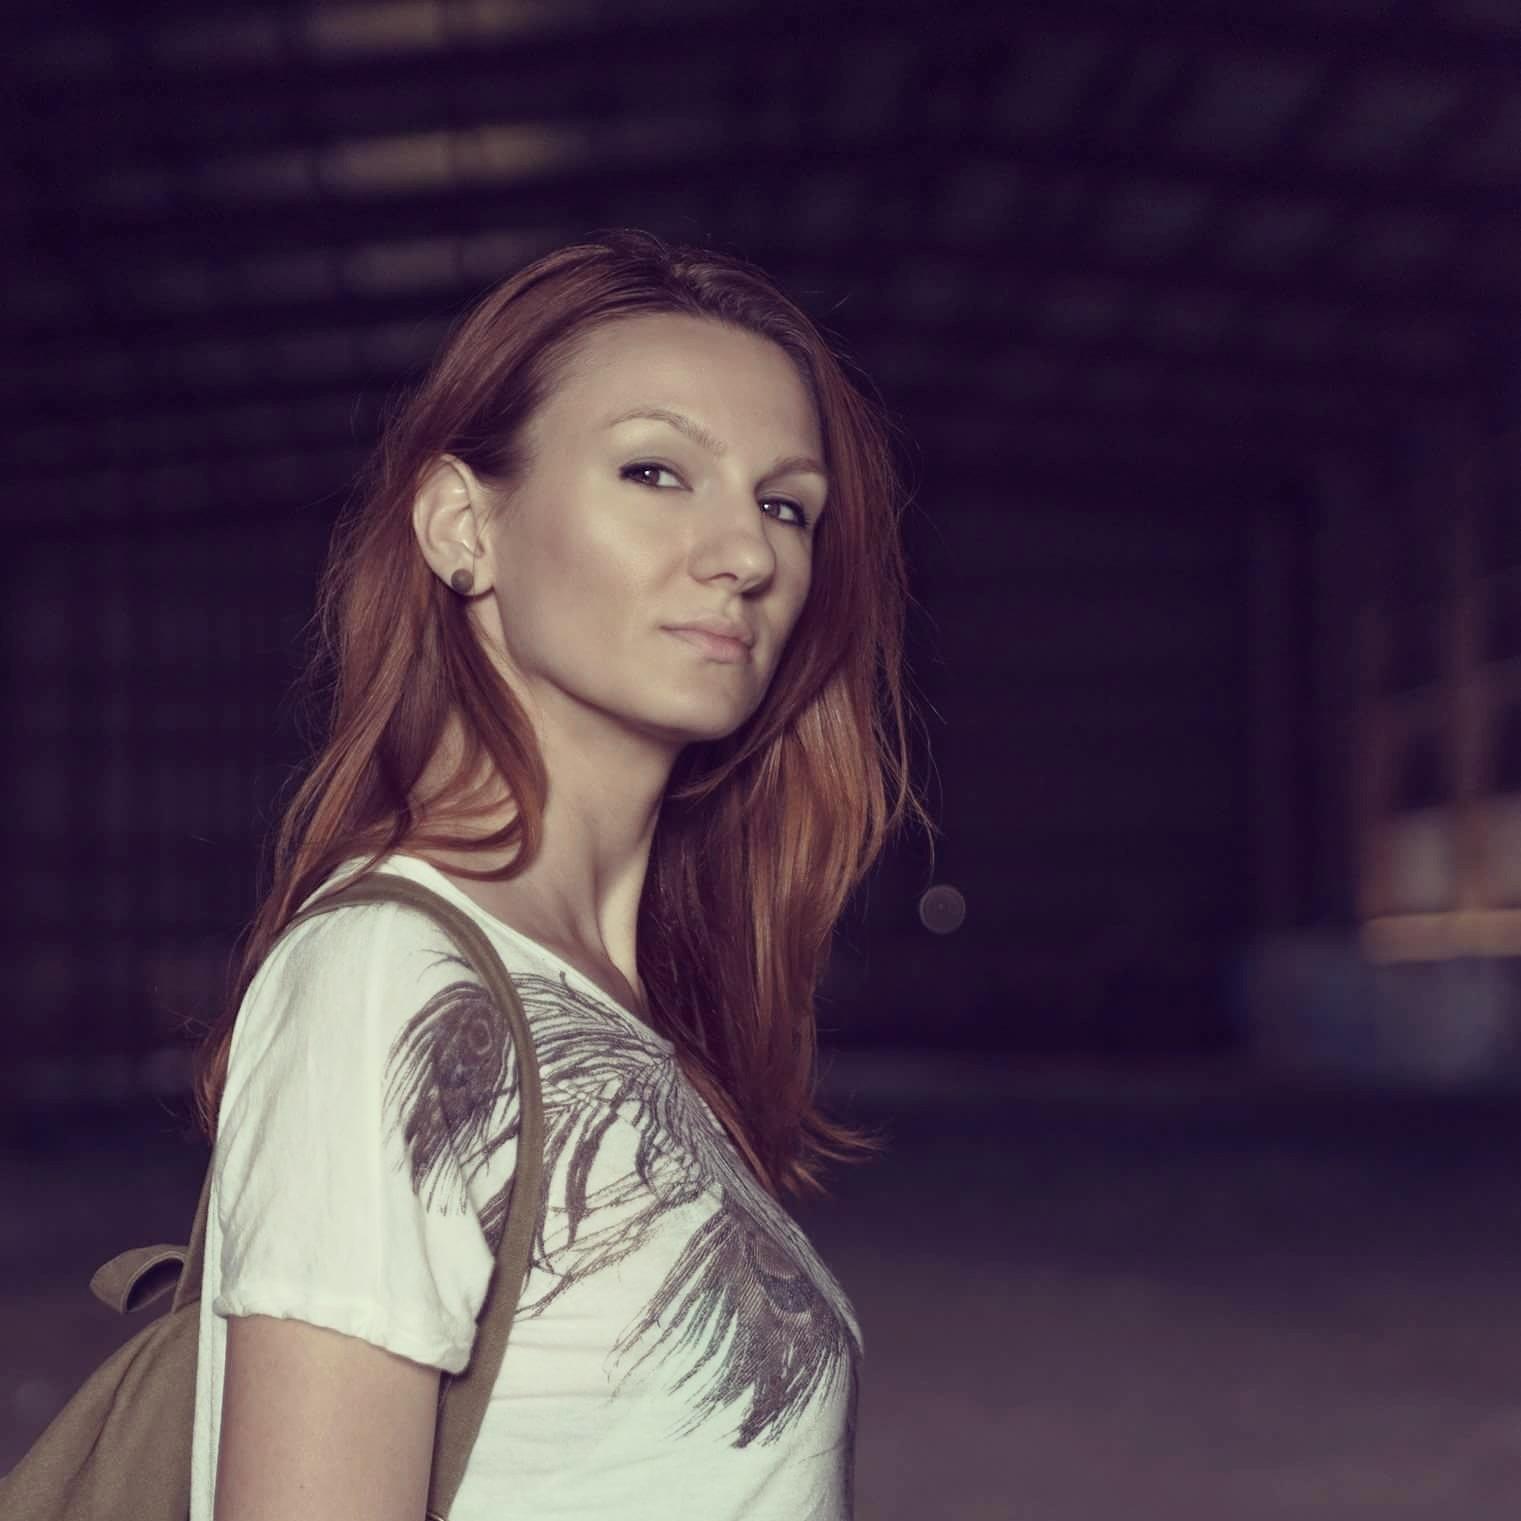 Go to Andreea Popa's profile